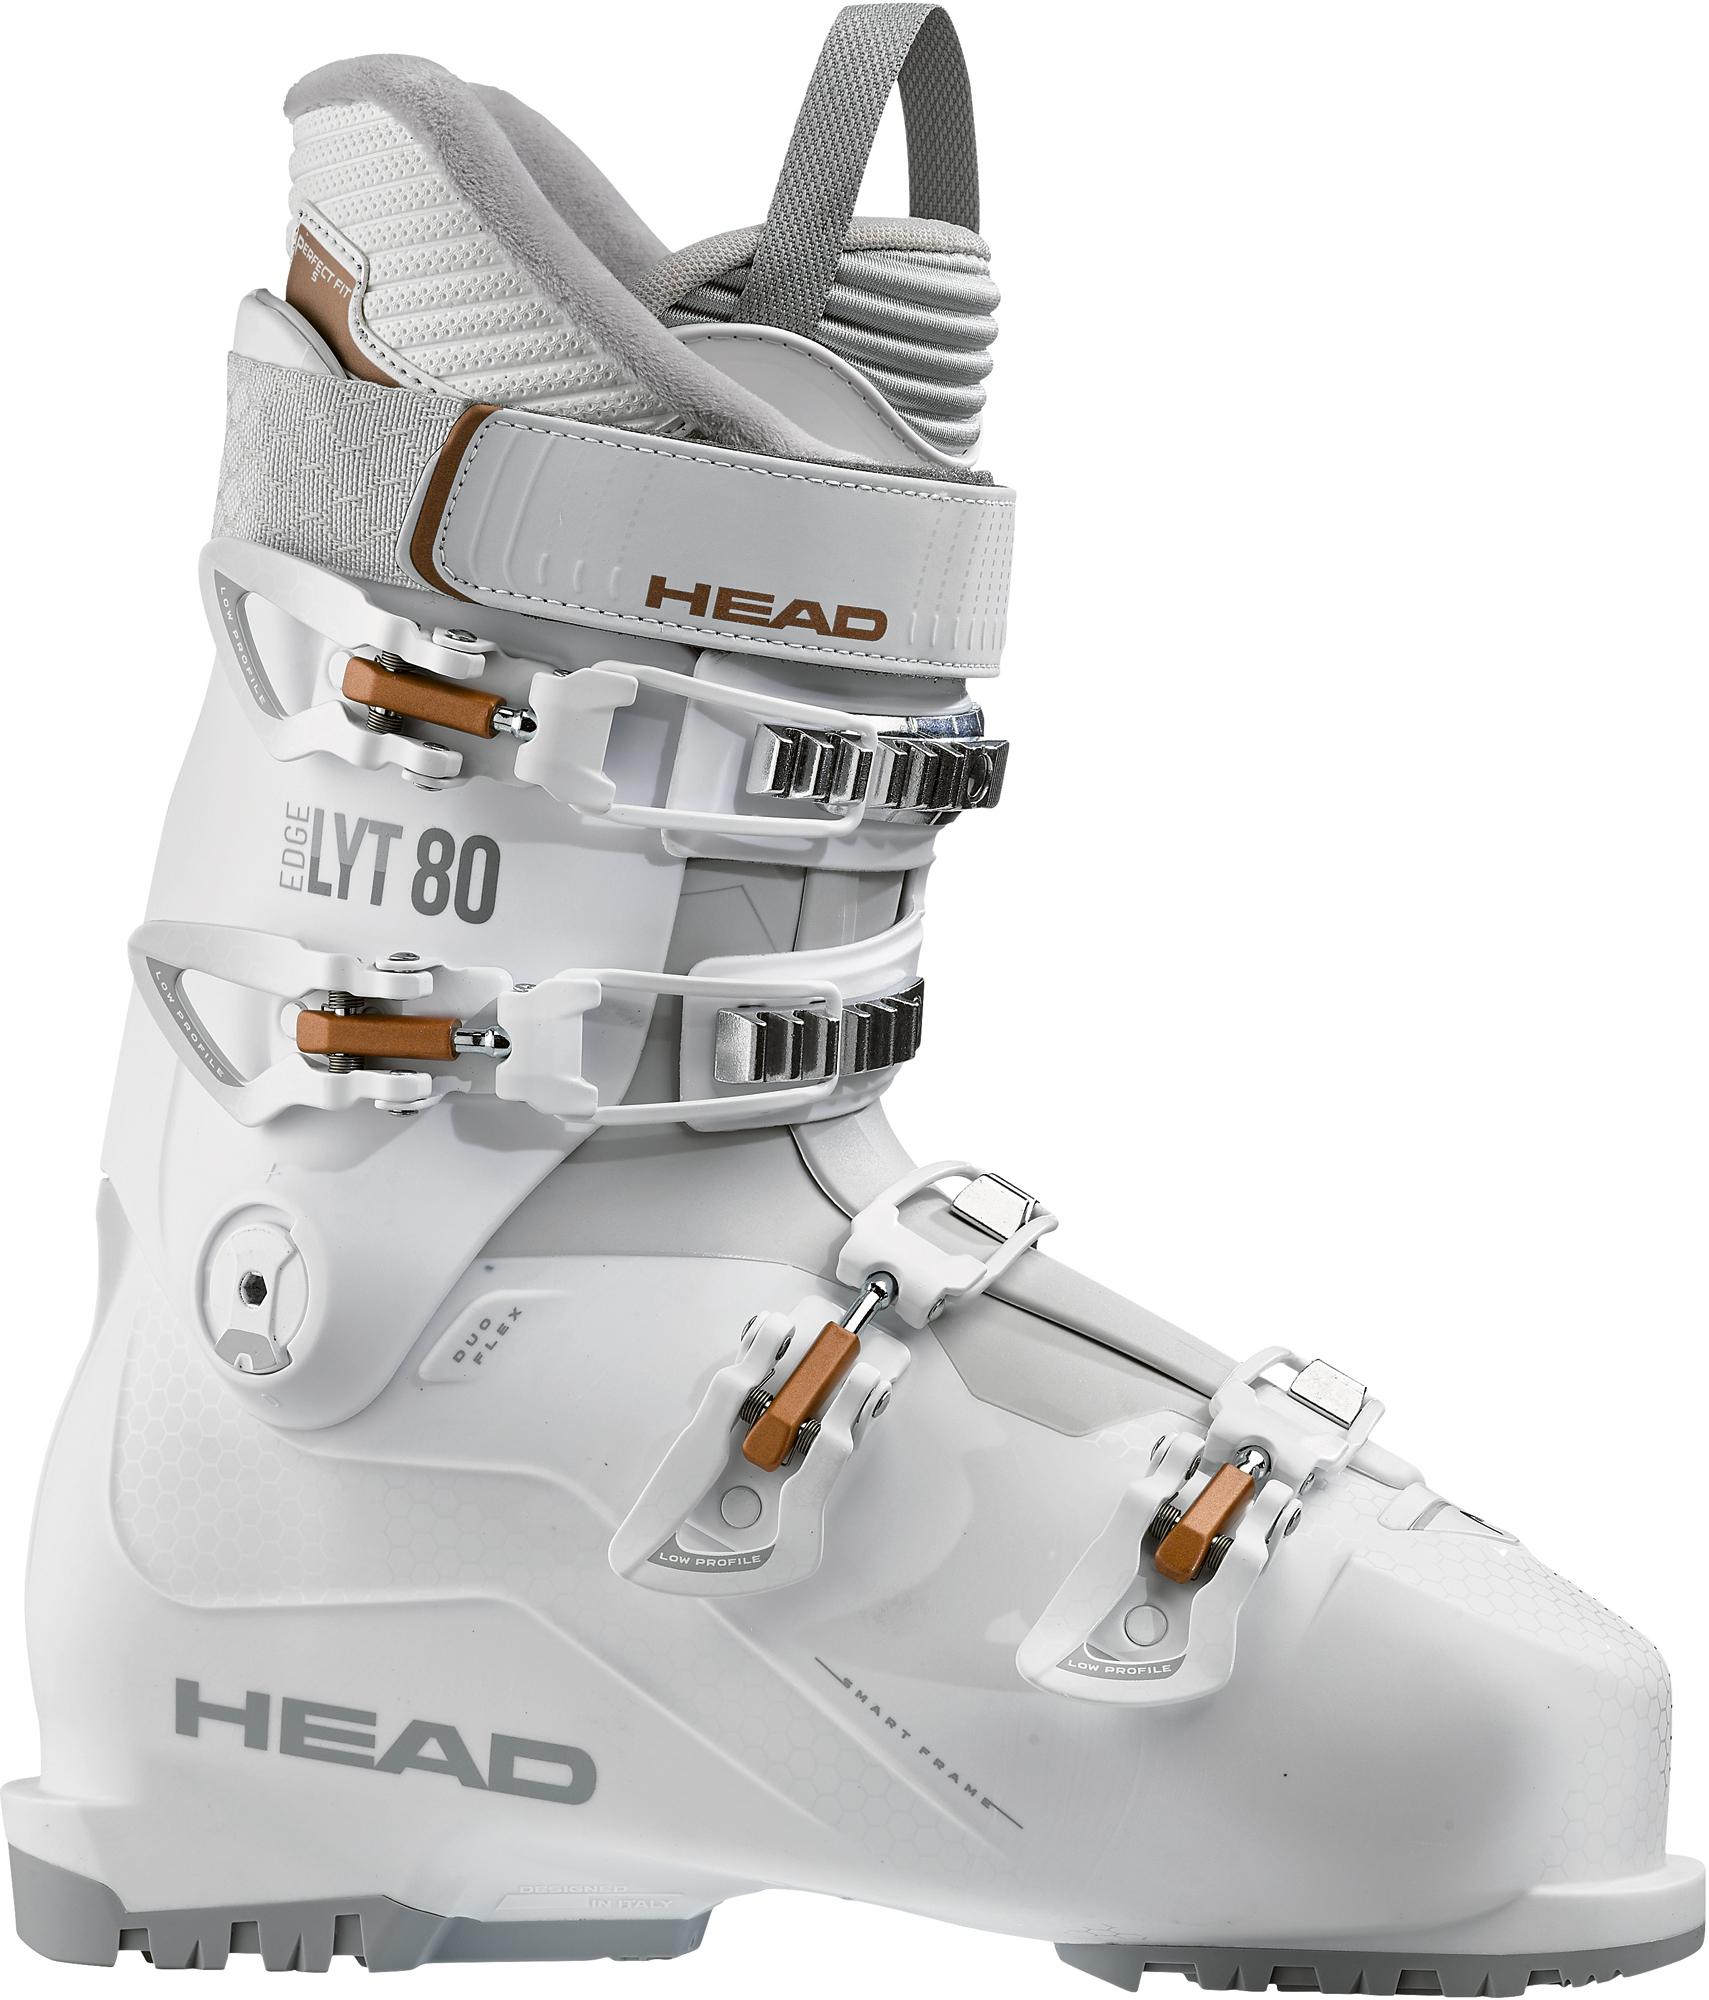 Head Ботинки горнолыжные женские EDGE LYT 80 W, размер 26,5 см